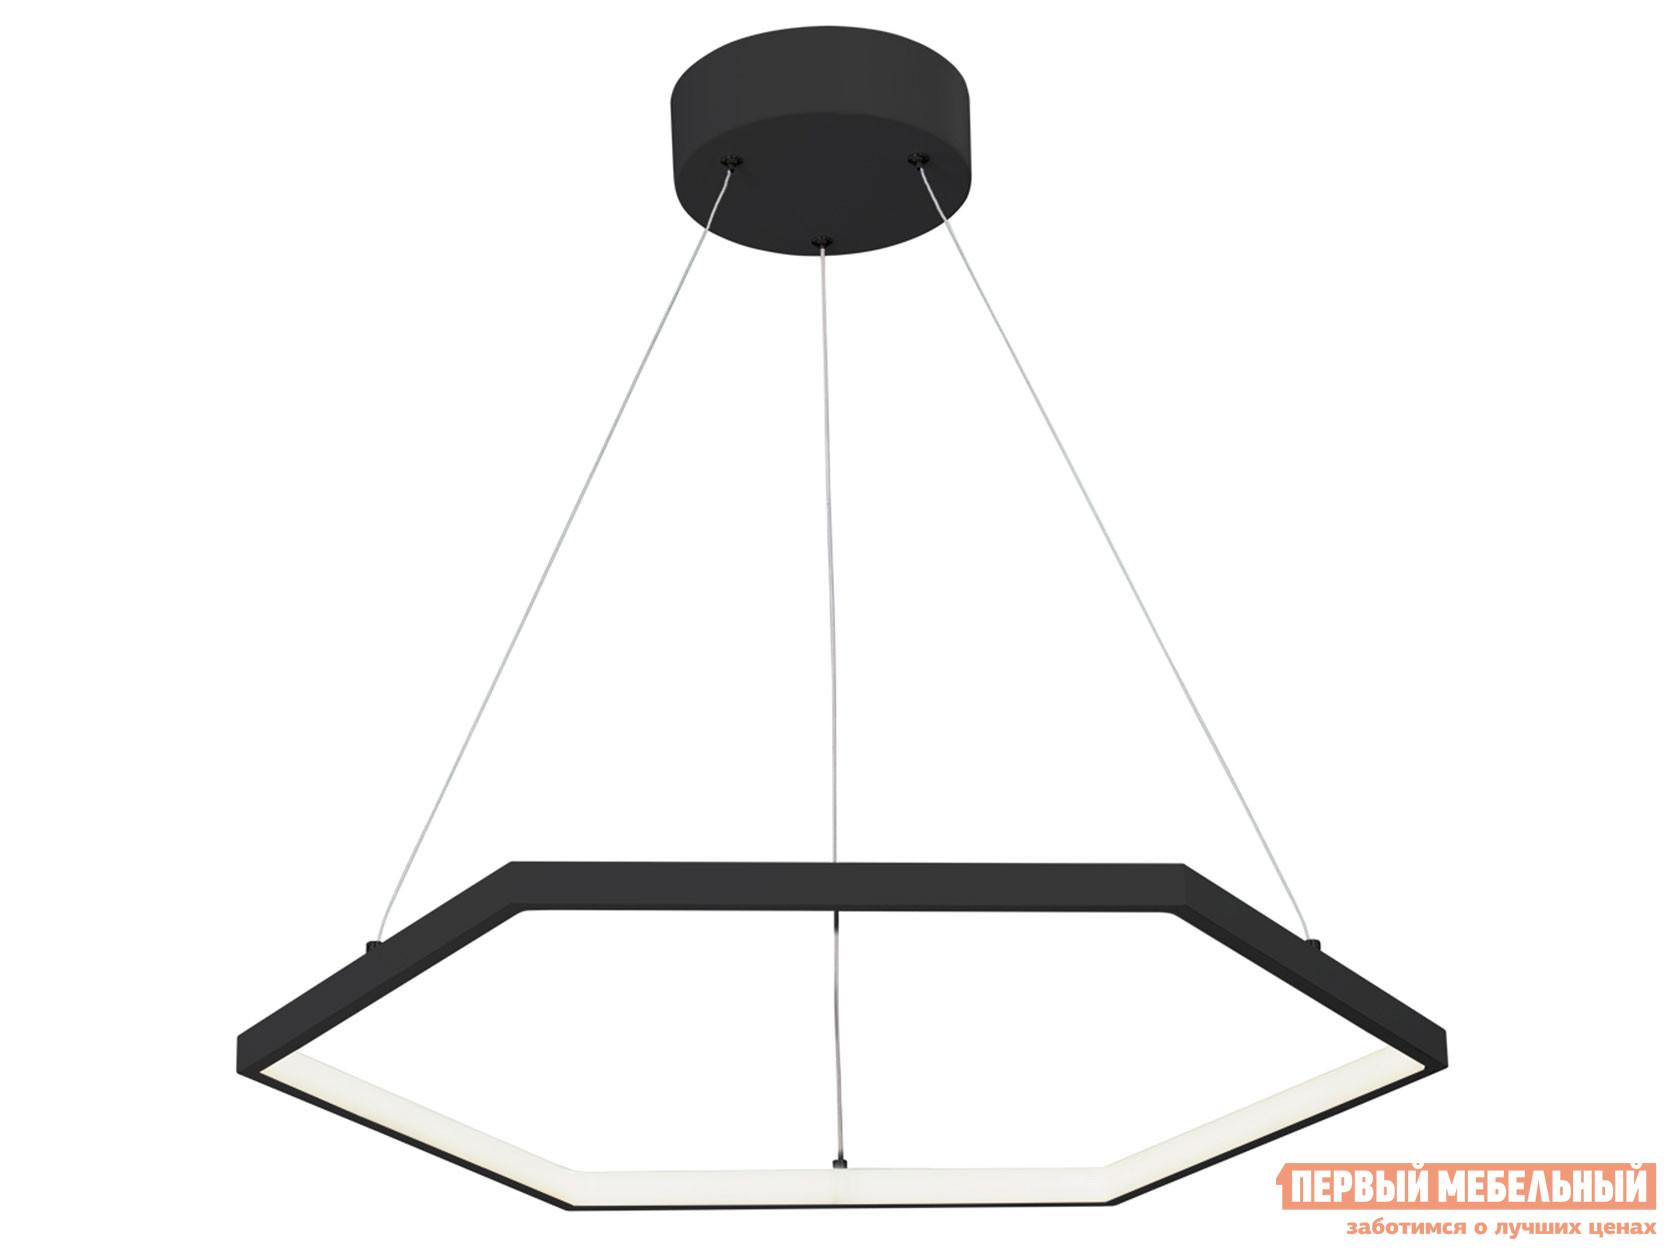 Фото - Подвесной светильник КСК-электро Светодиодный светильник V4605-0/1S, LED 38Вт, 3900-4200K / V4605-2/1S, LED 38Вт, 3900-4200K / V4605-1/1S, LED 38Вт, 3900-4200K подвесной светильник кск электро светодиодный светильник v4617 1 2s led 91вт 3900 4200k